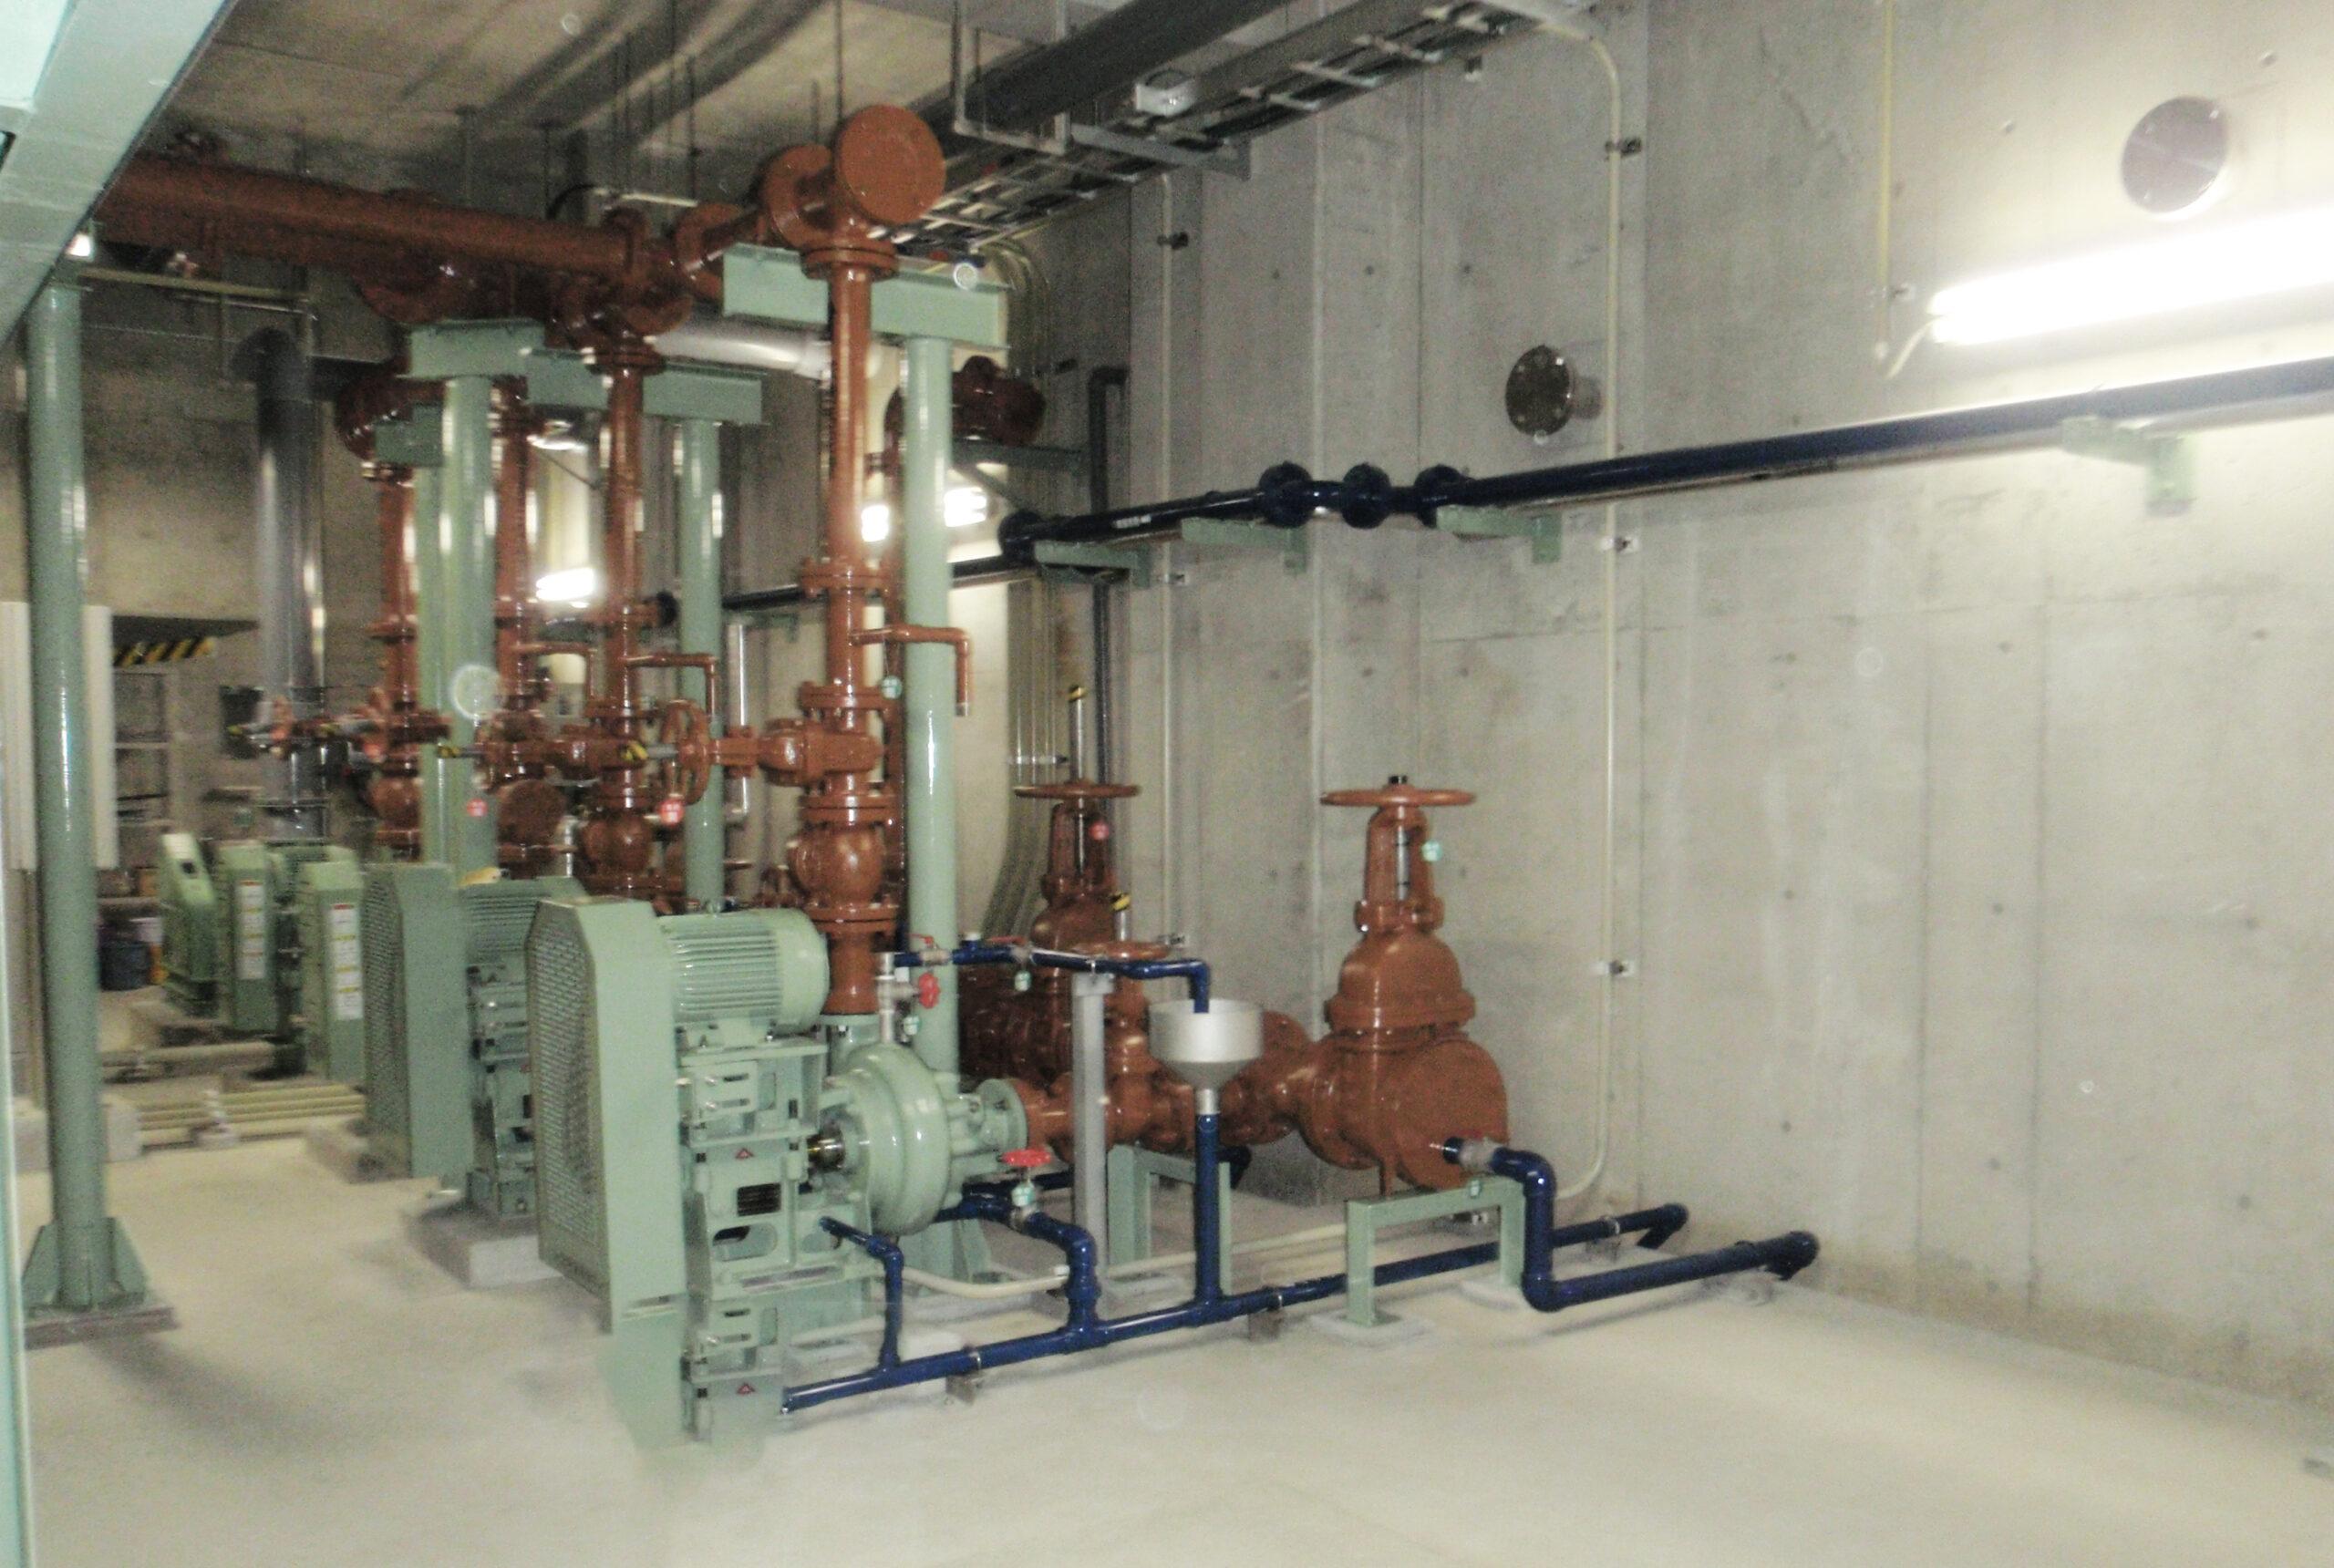 水質管理センター電気設備工事